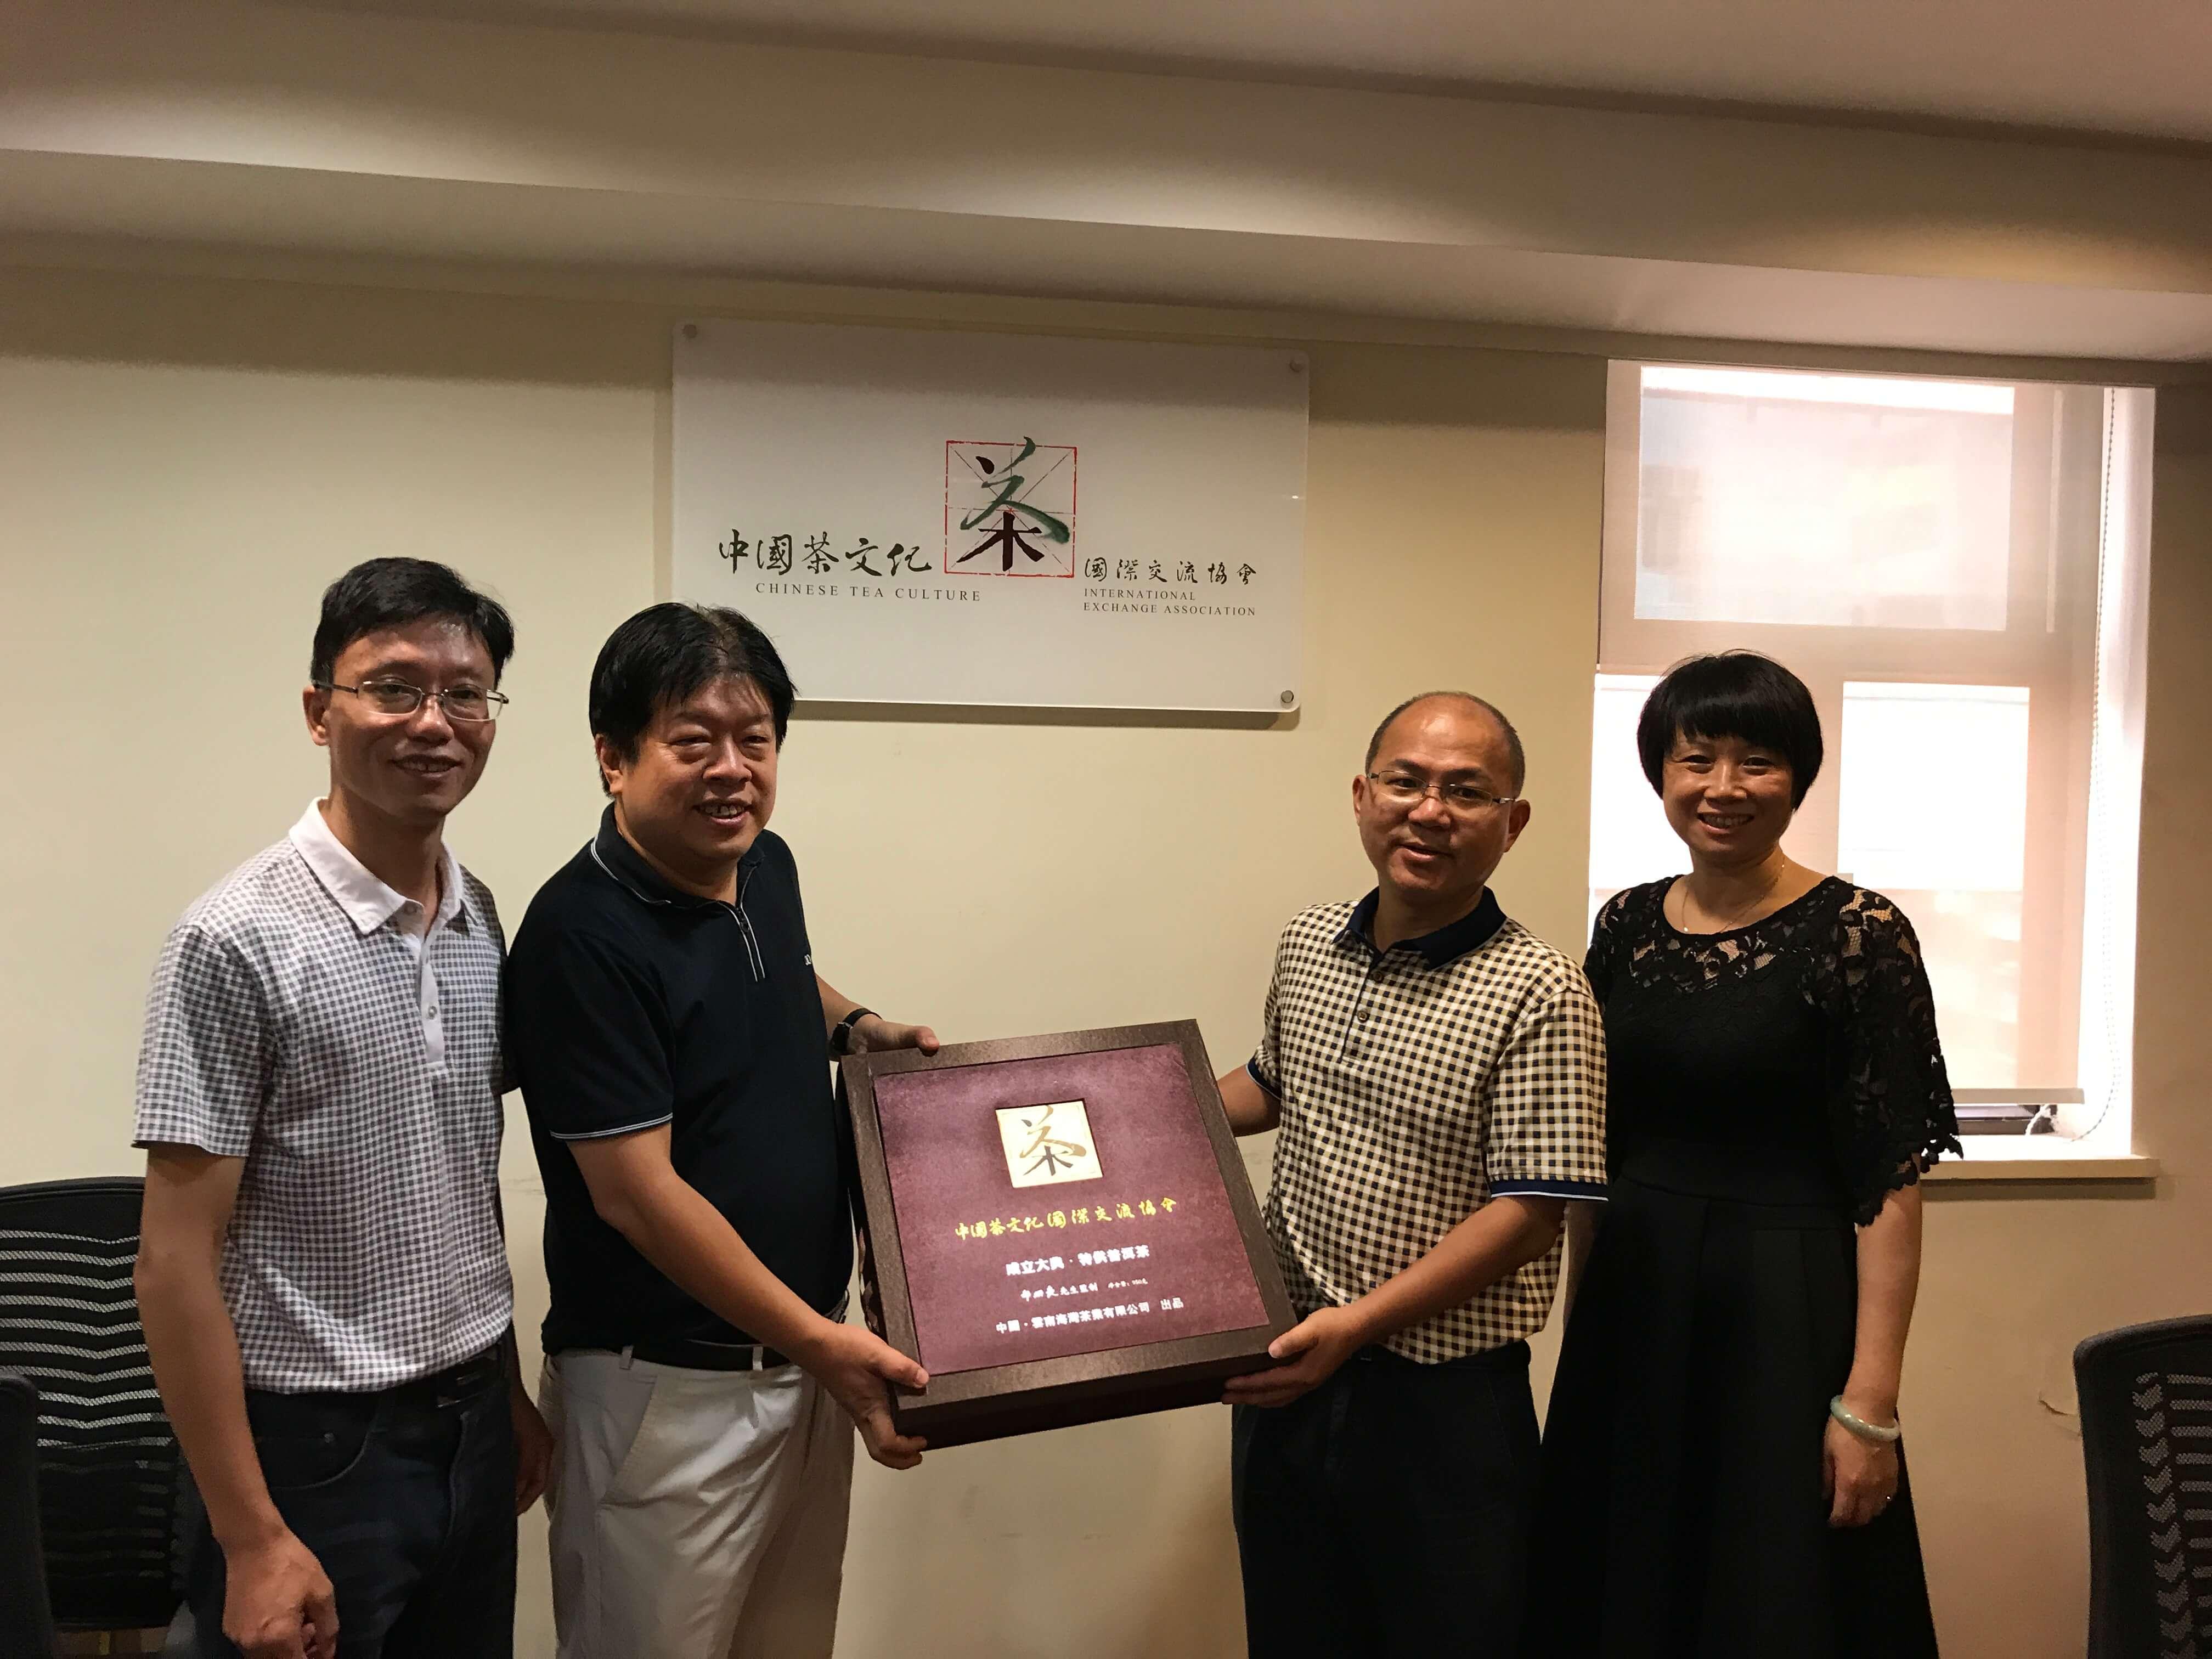 中國茶文化國際交流協會 武夷山市委副書記謝啟龍